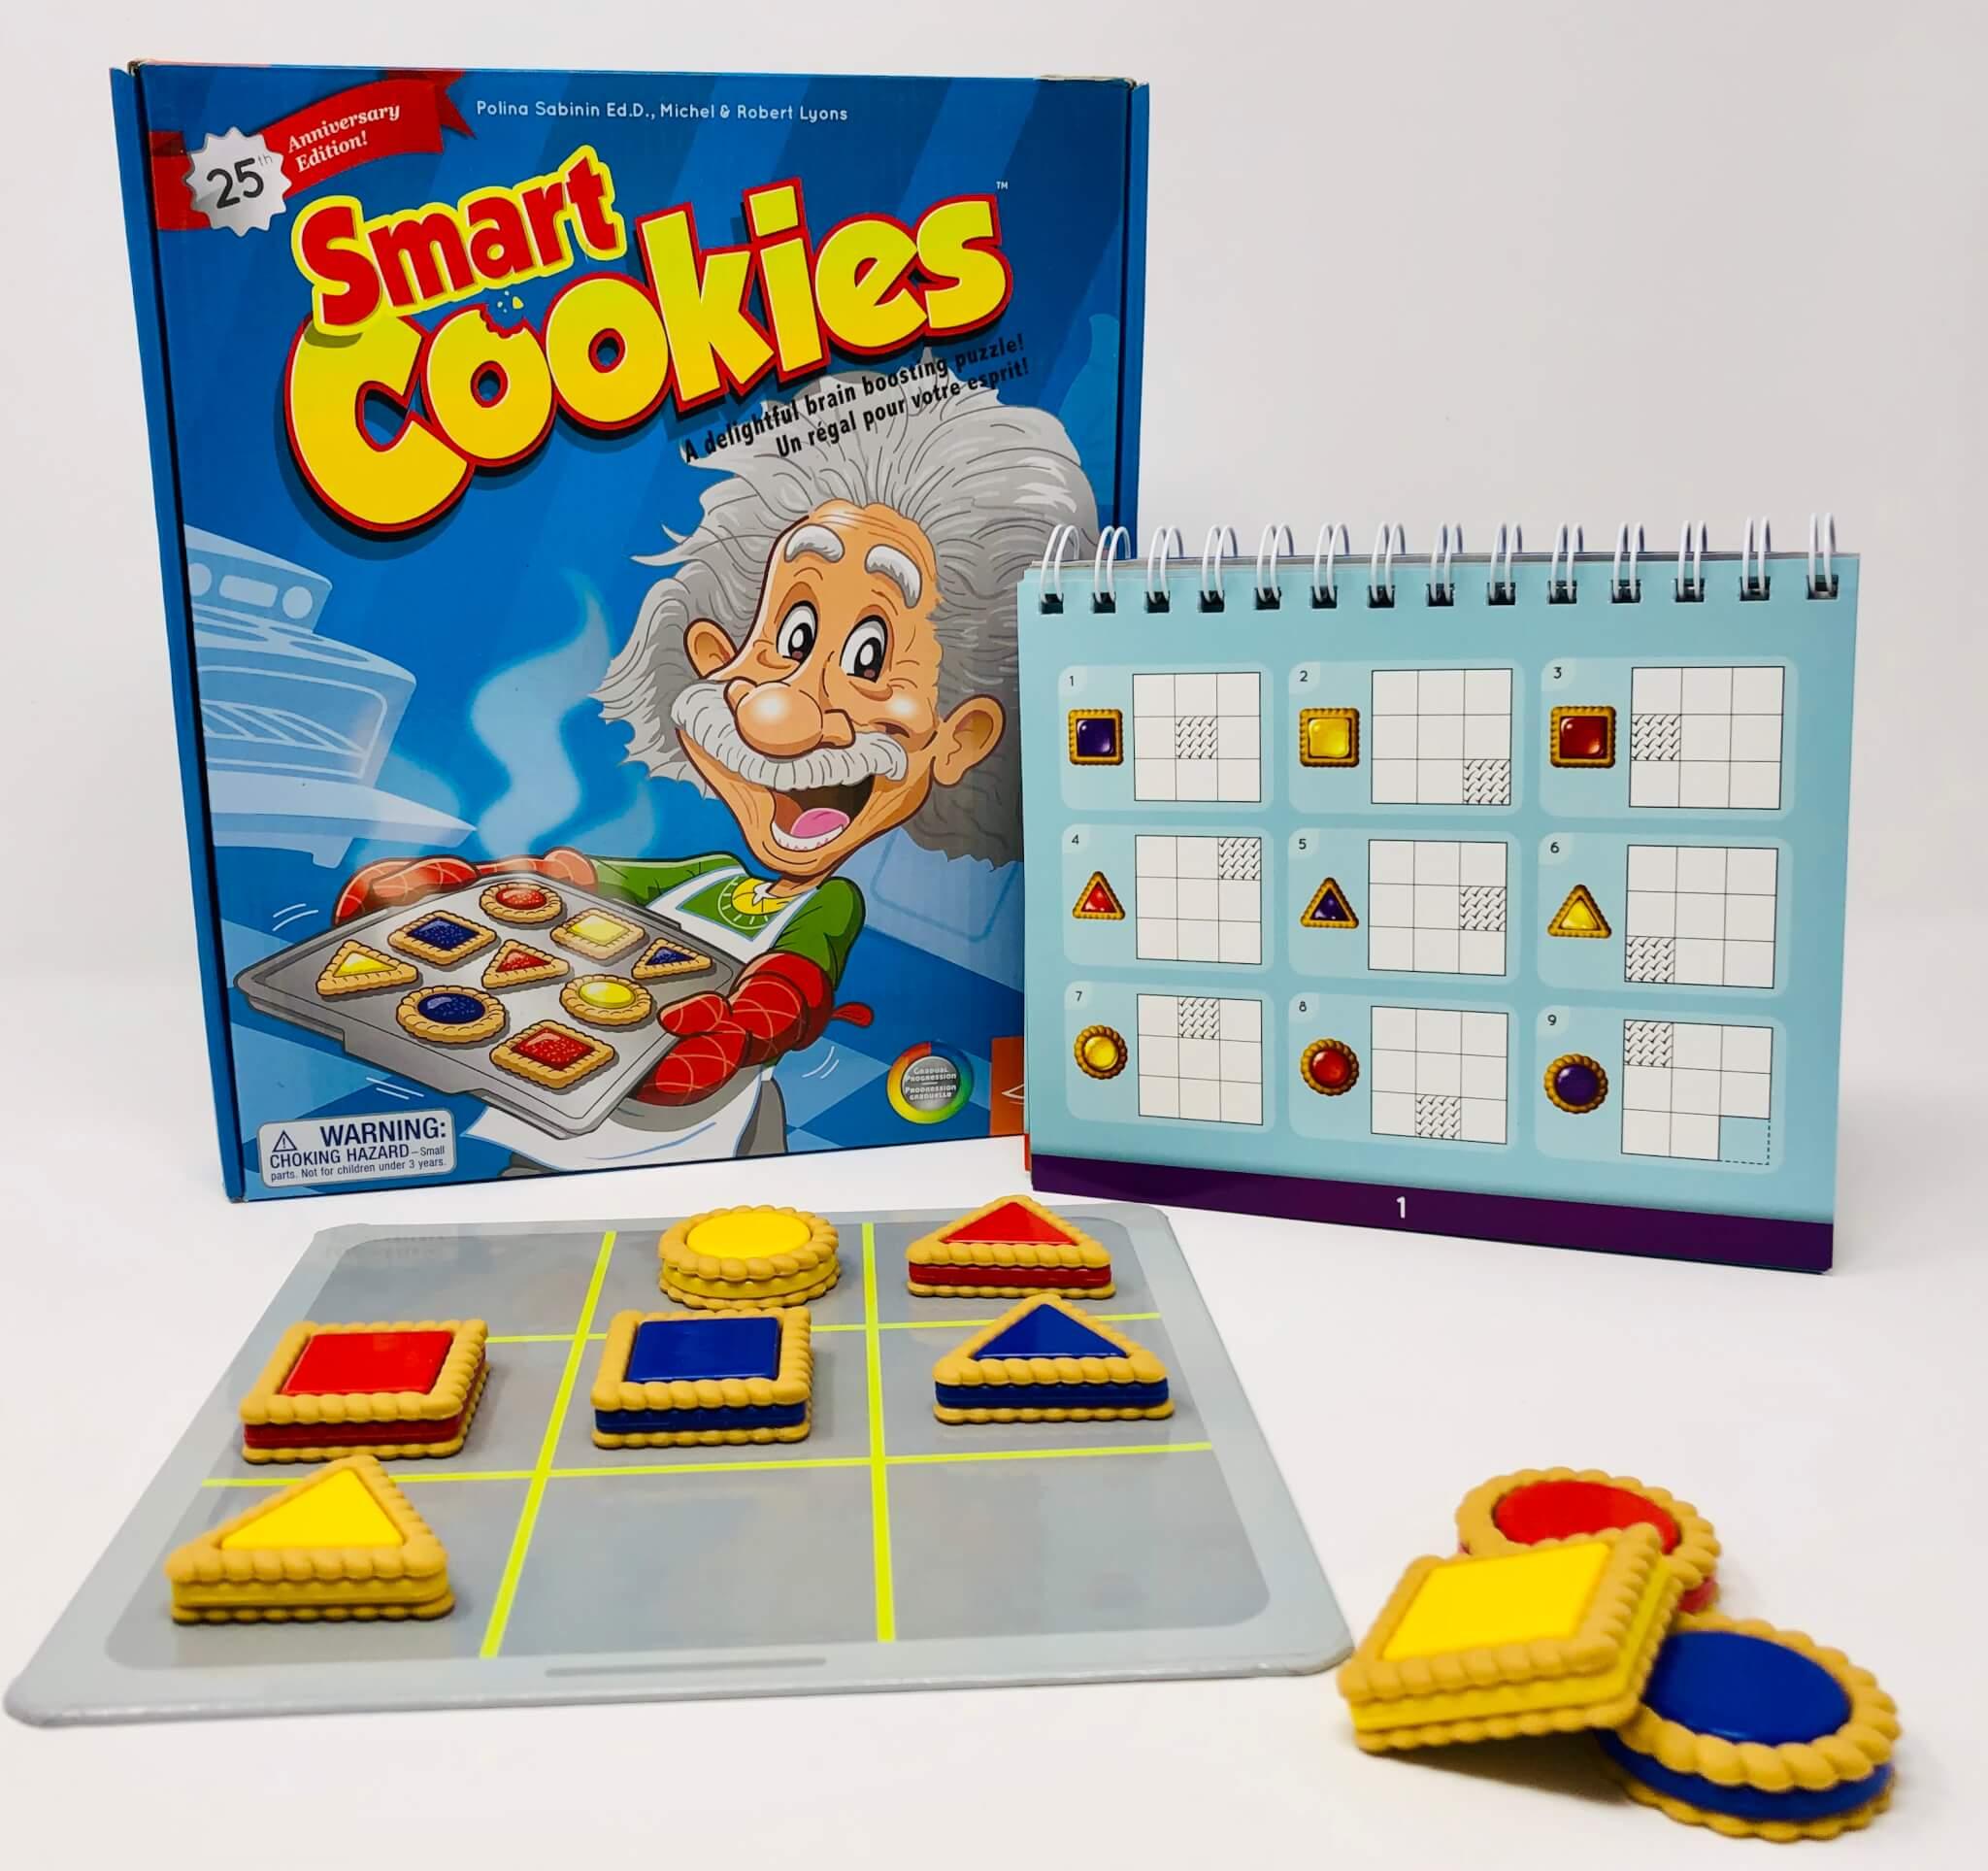 Smart Cookies (FoxMind)